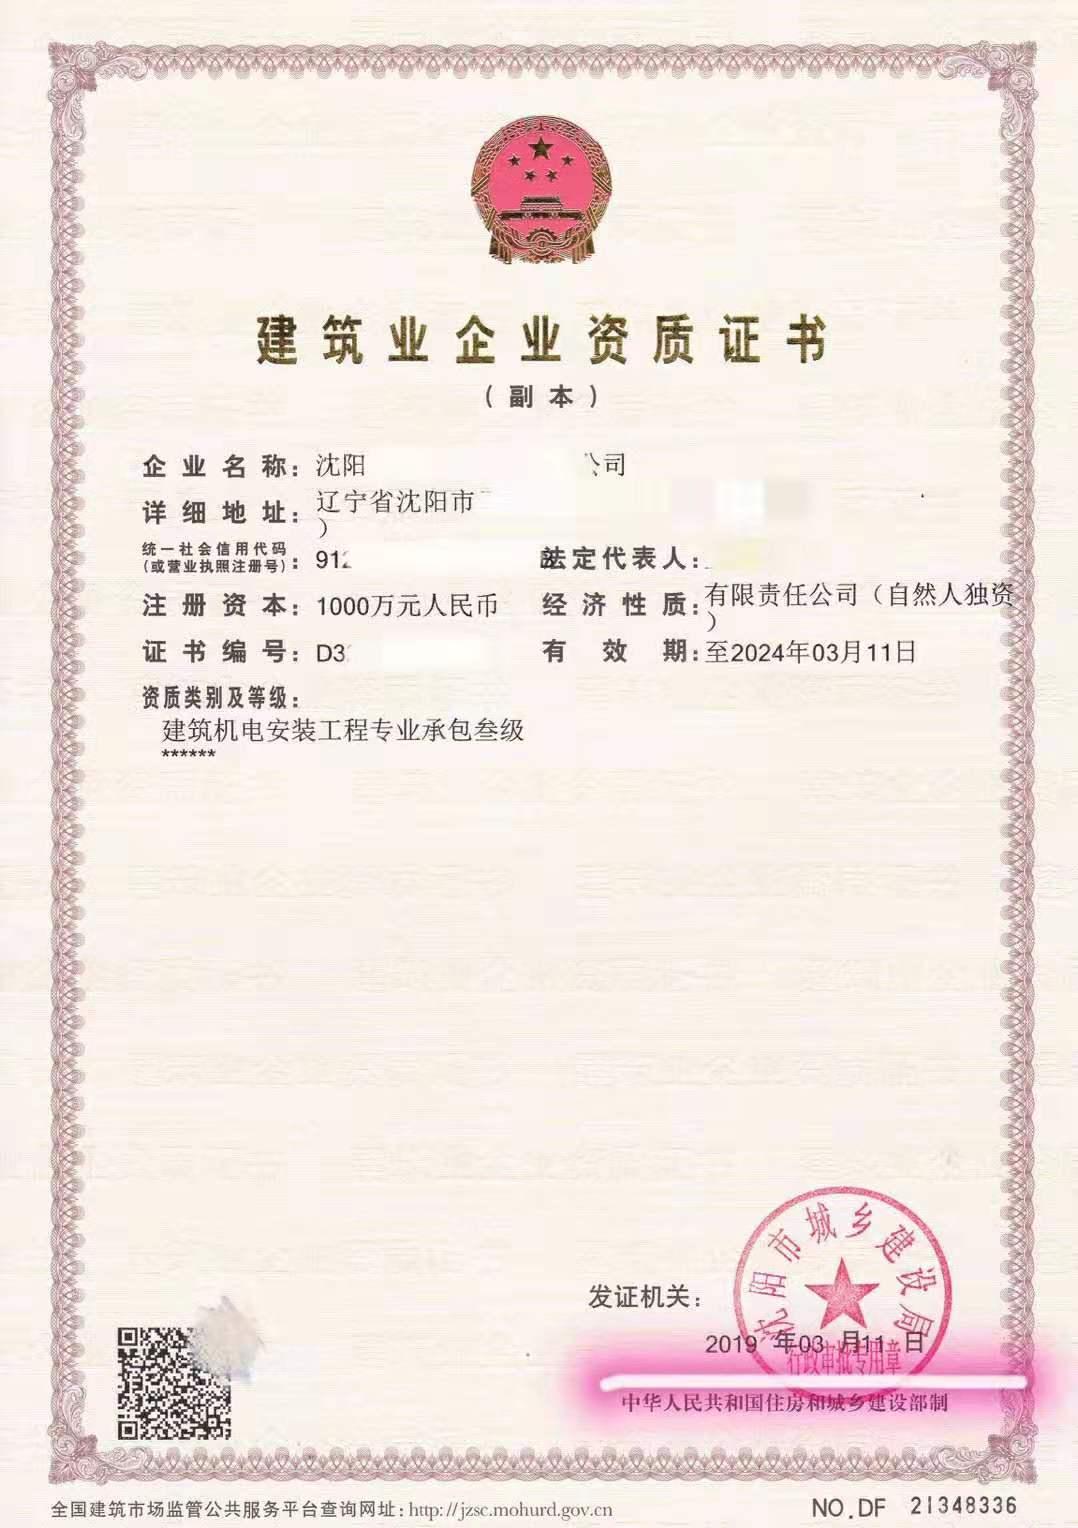 辽宁沈阳资质代办,专业代办建筑工程资质,安全许可证